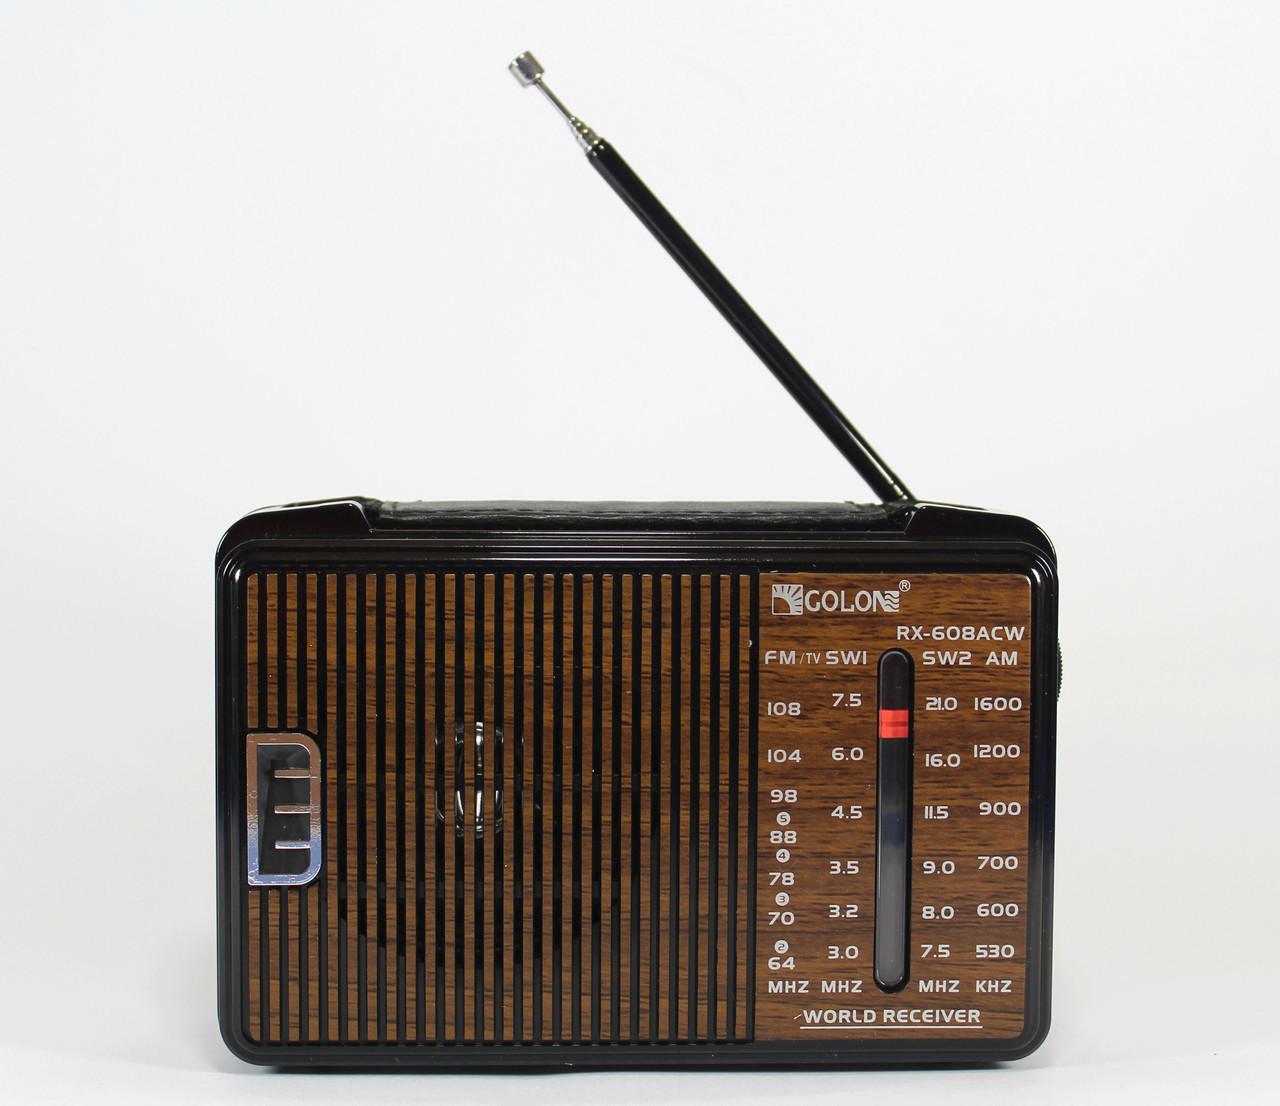 Радиоприемник Golon RX 608